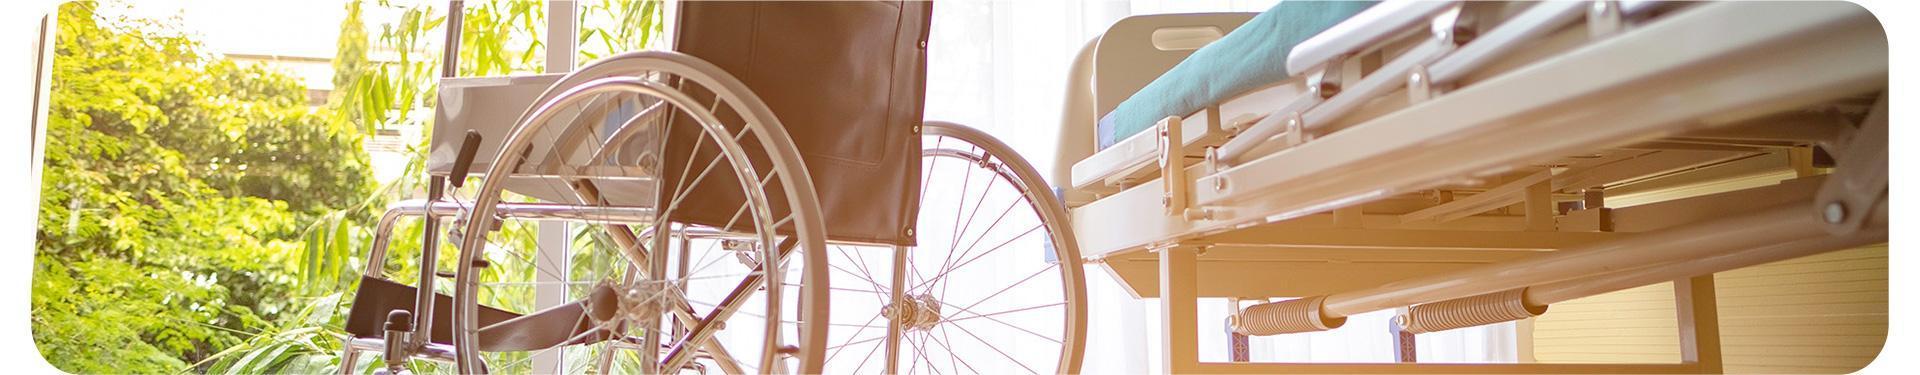 wózek inwalidzki i łóżko